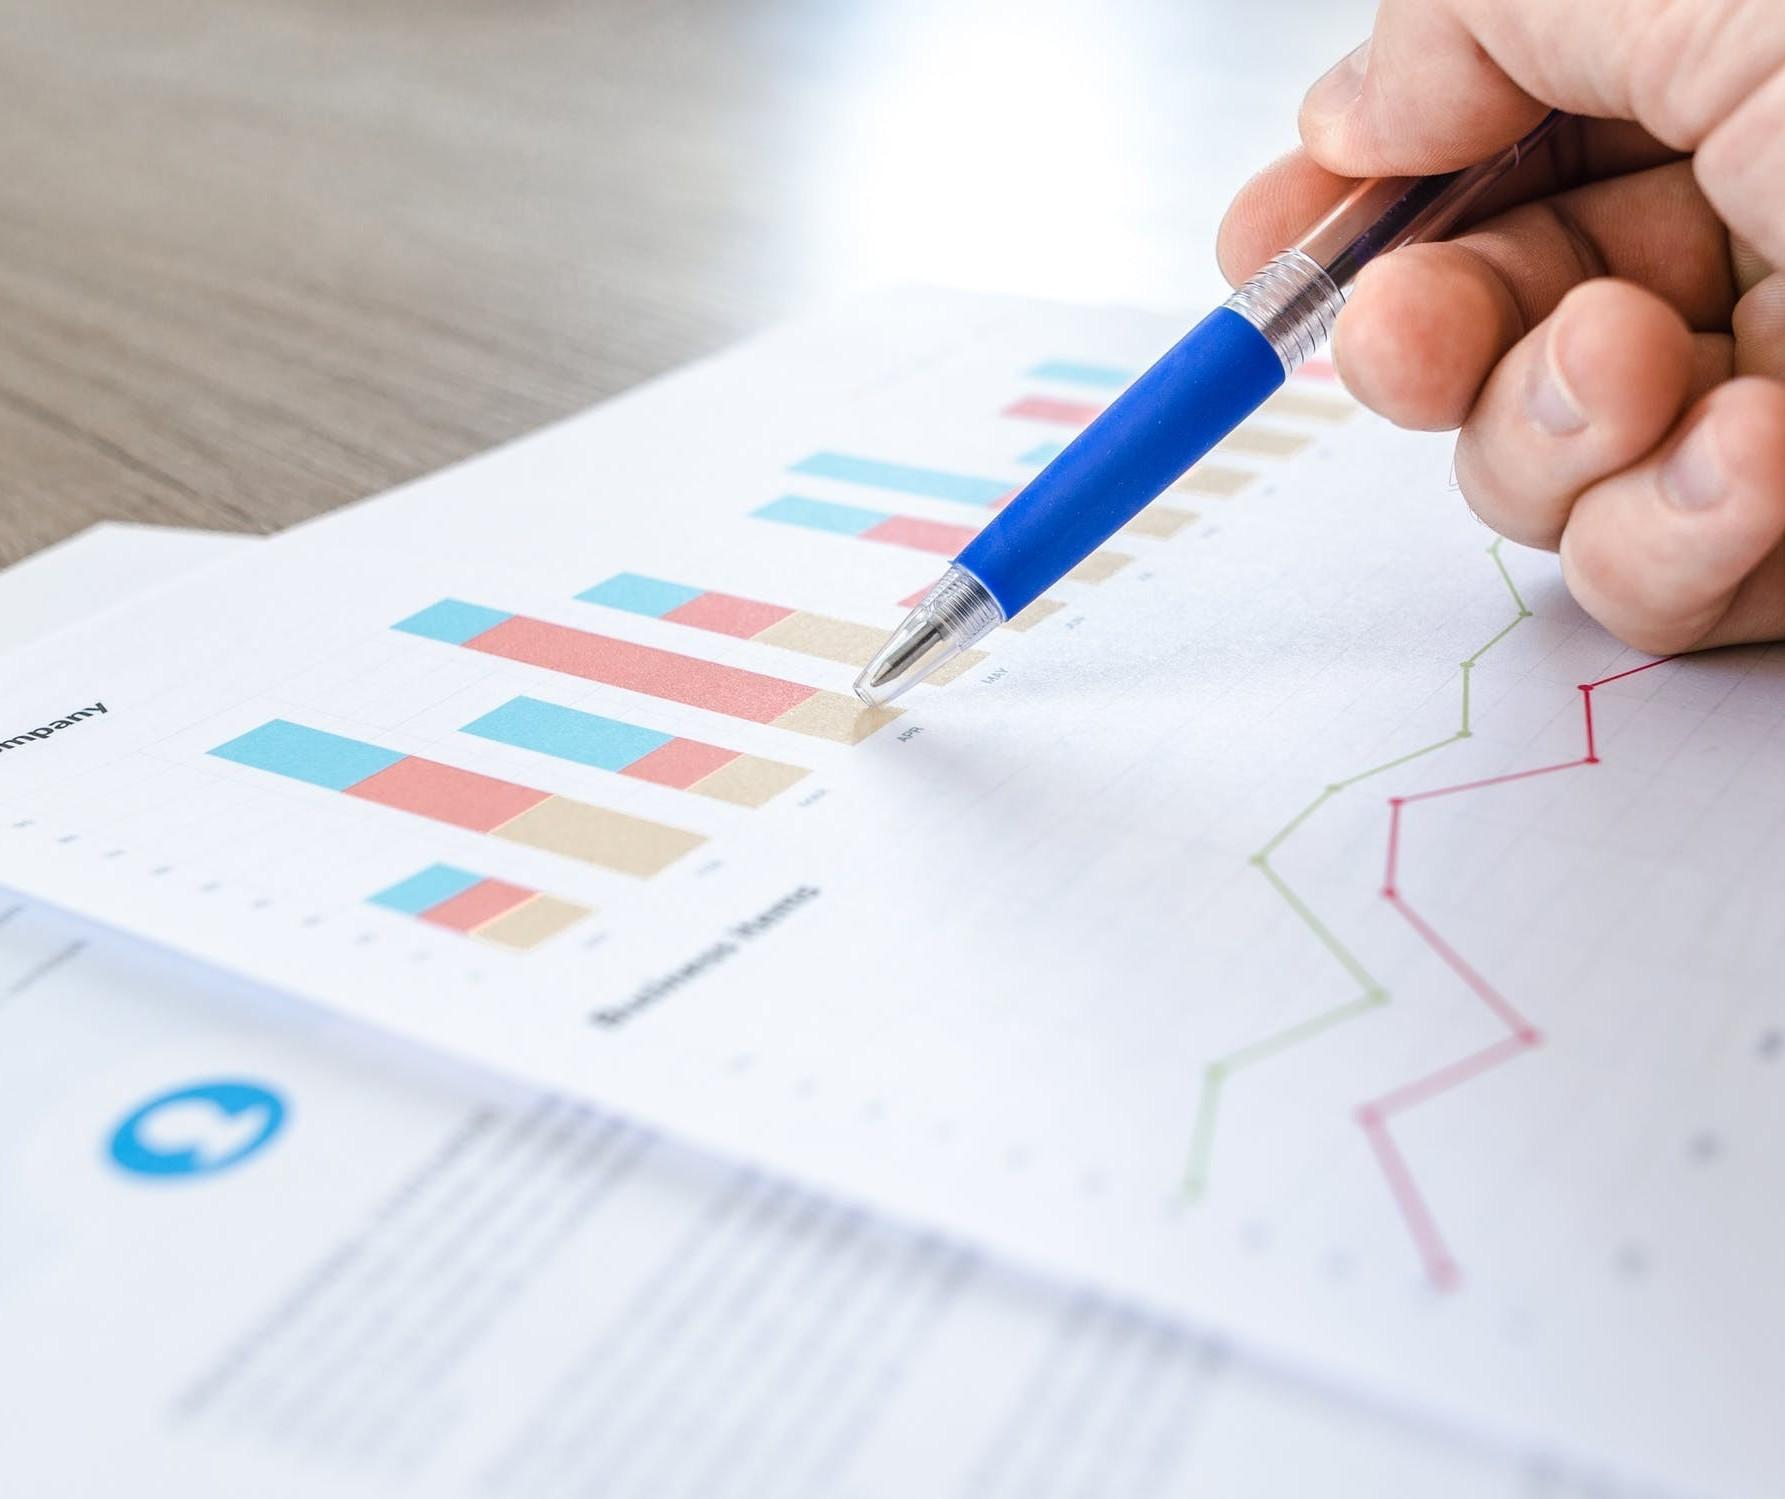 Estudo apresenta propostas para a retomada segura do comércio